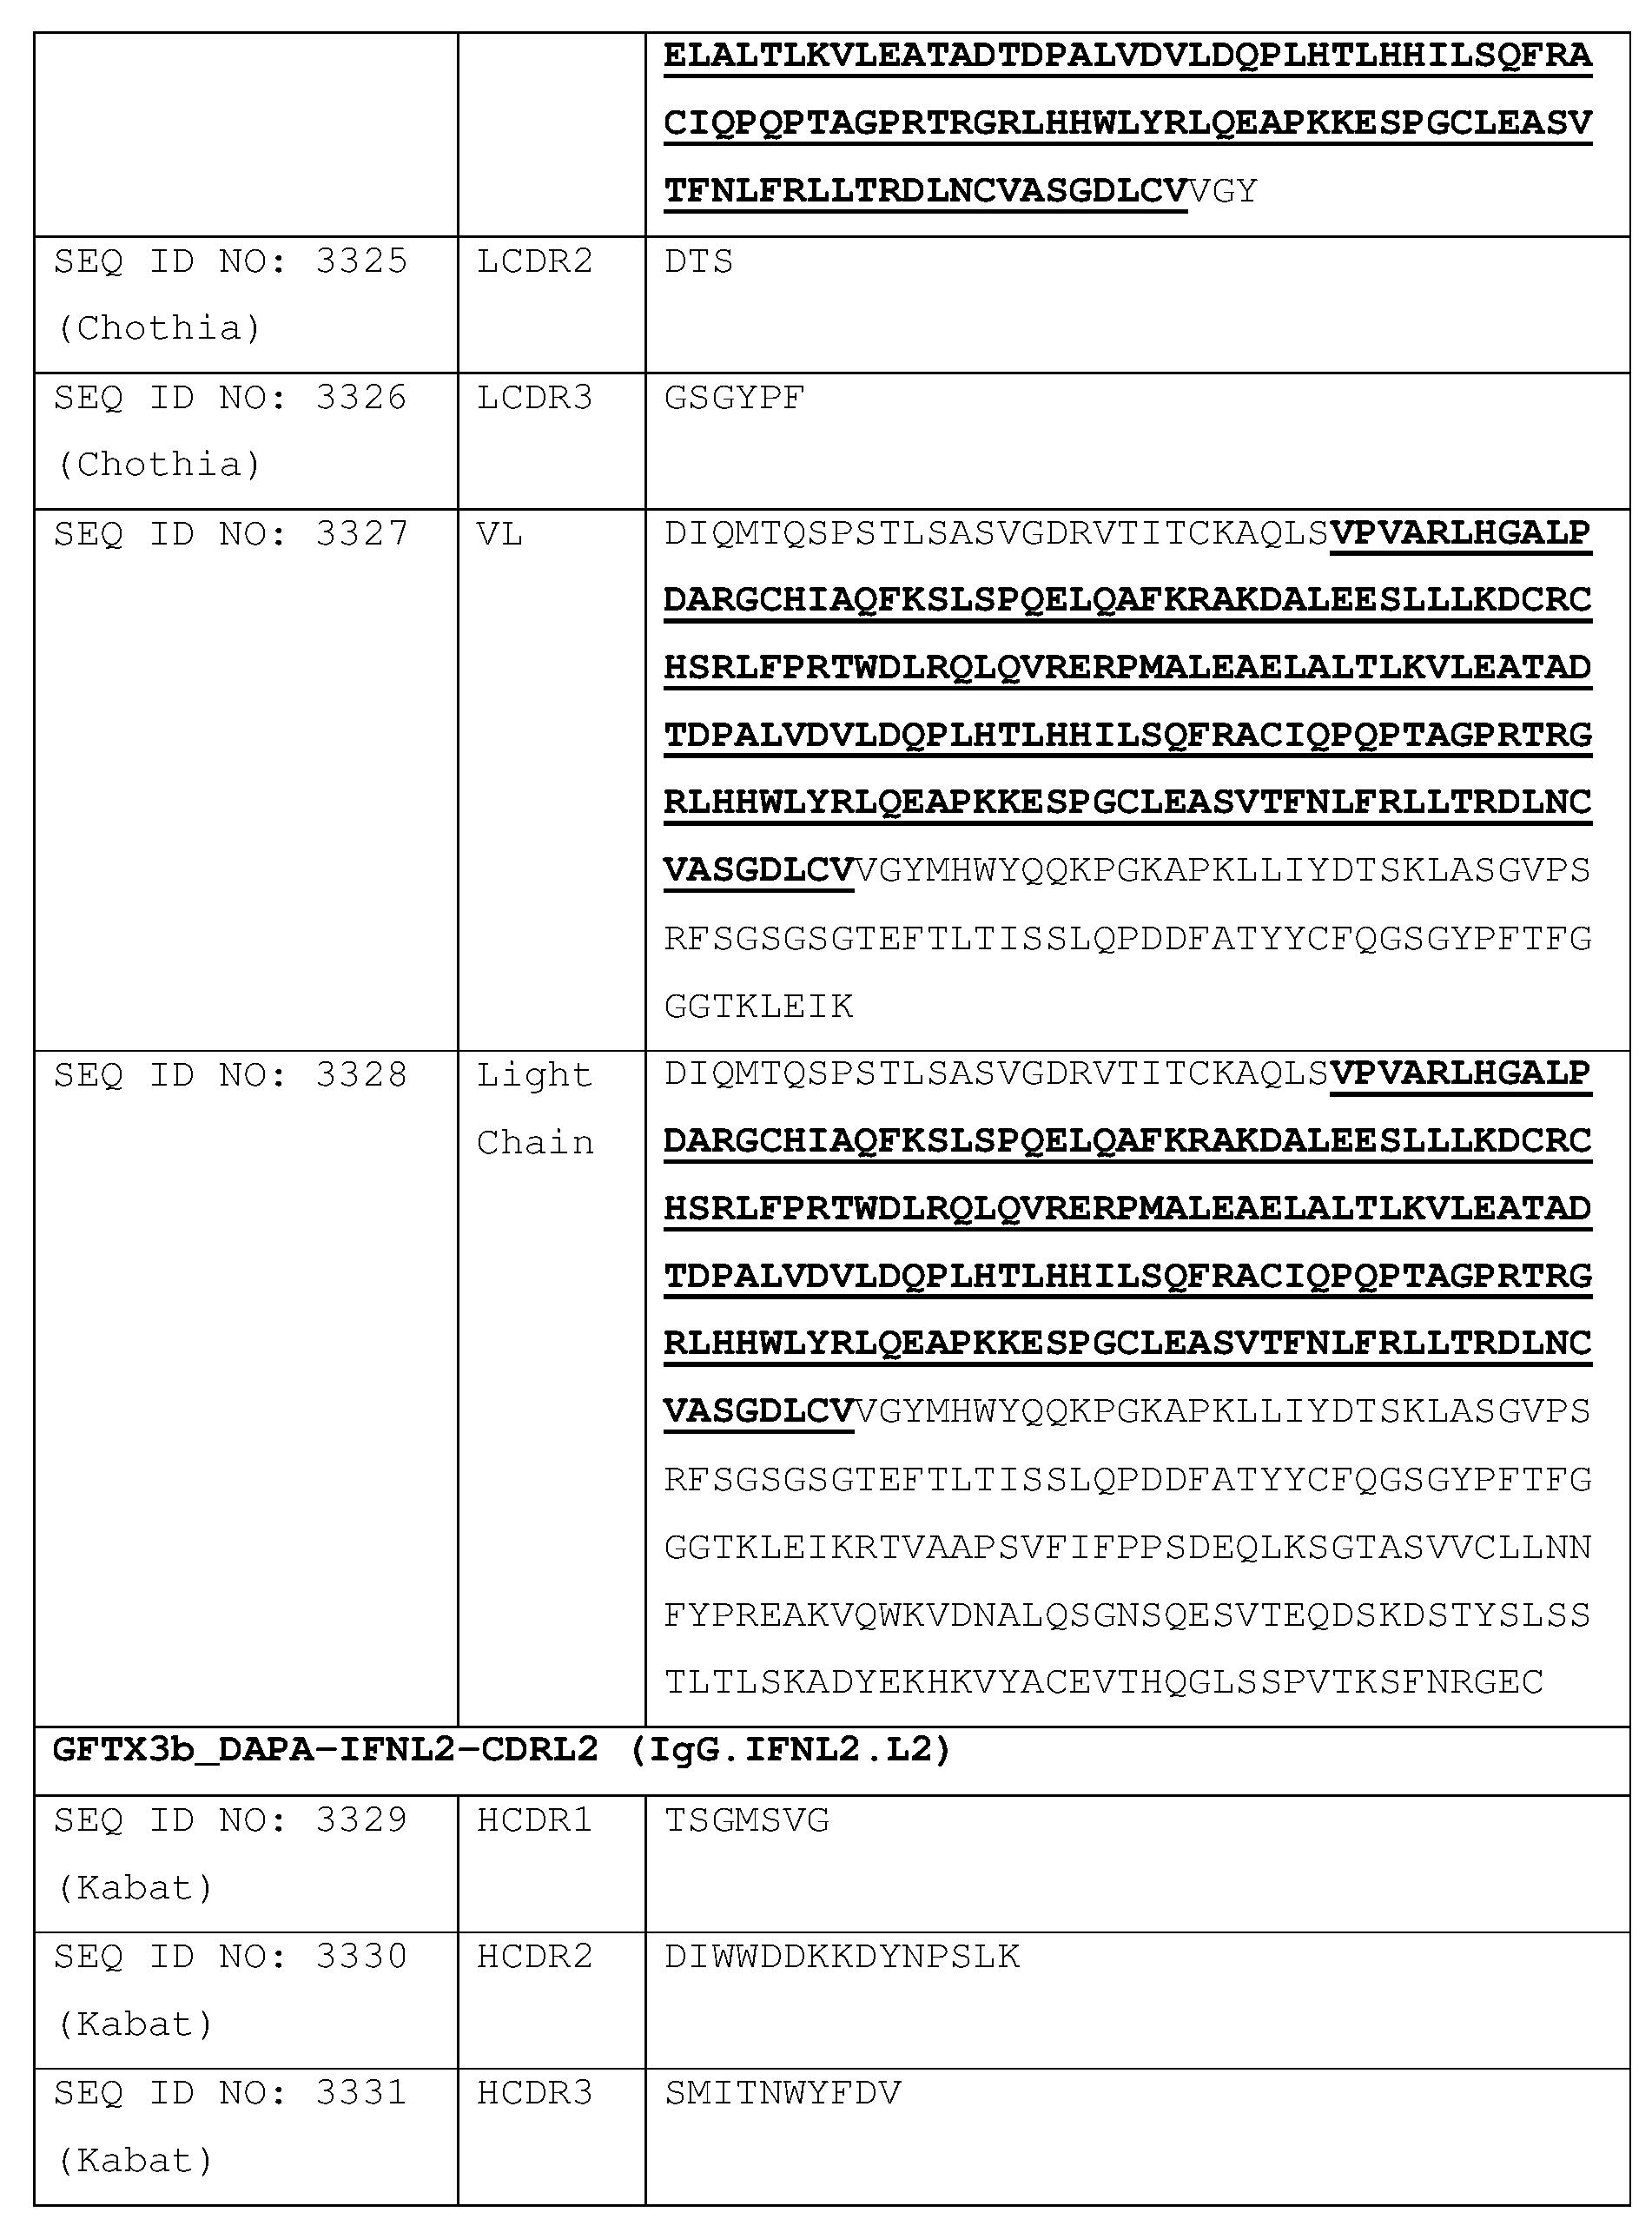 Figure imgf000491_0001